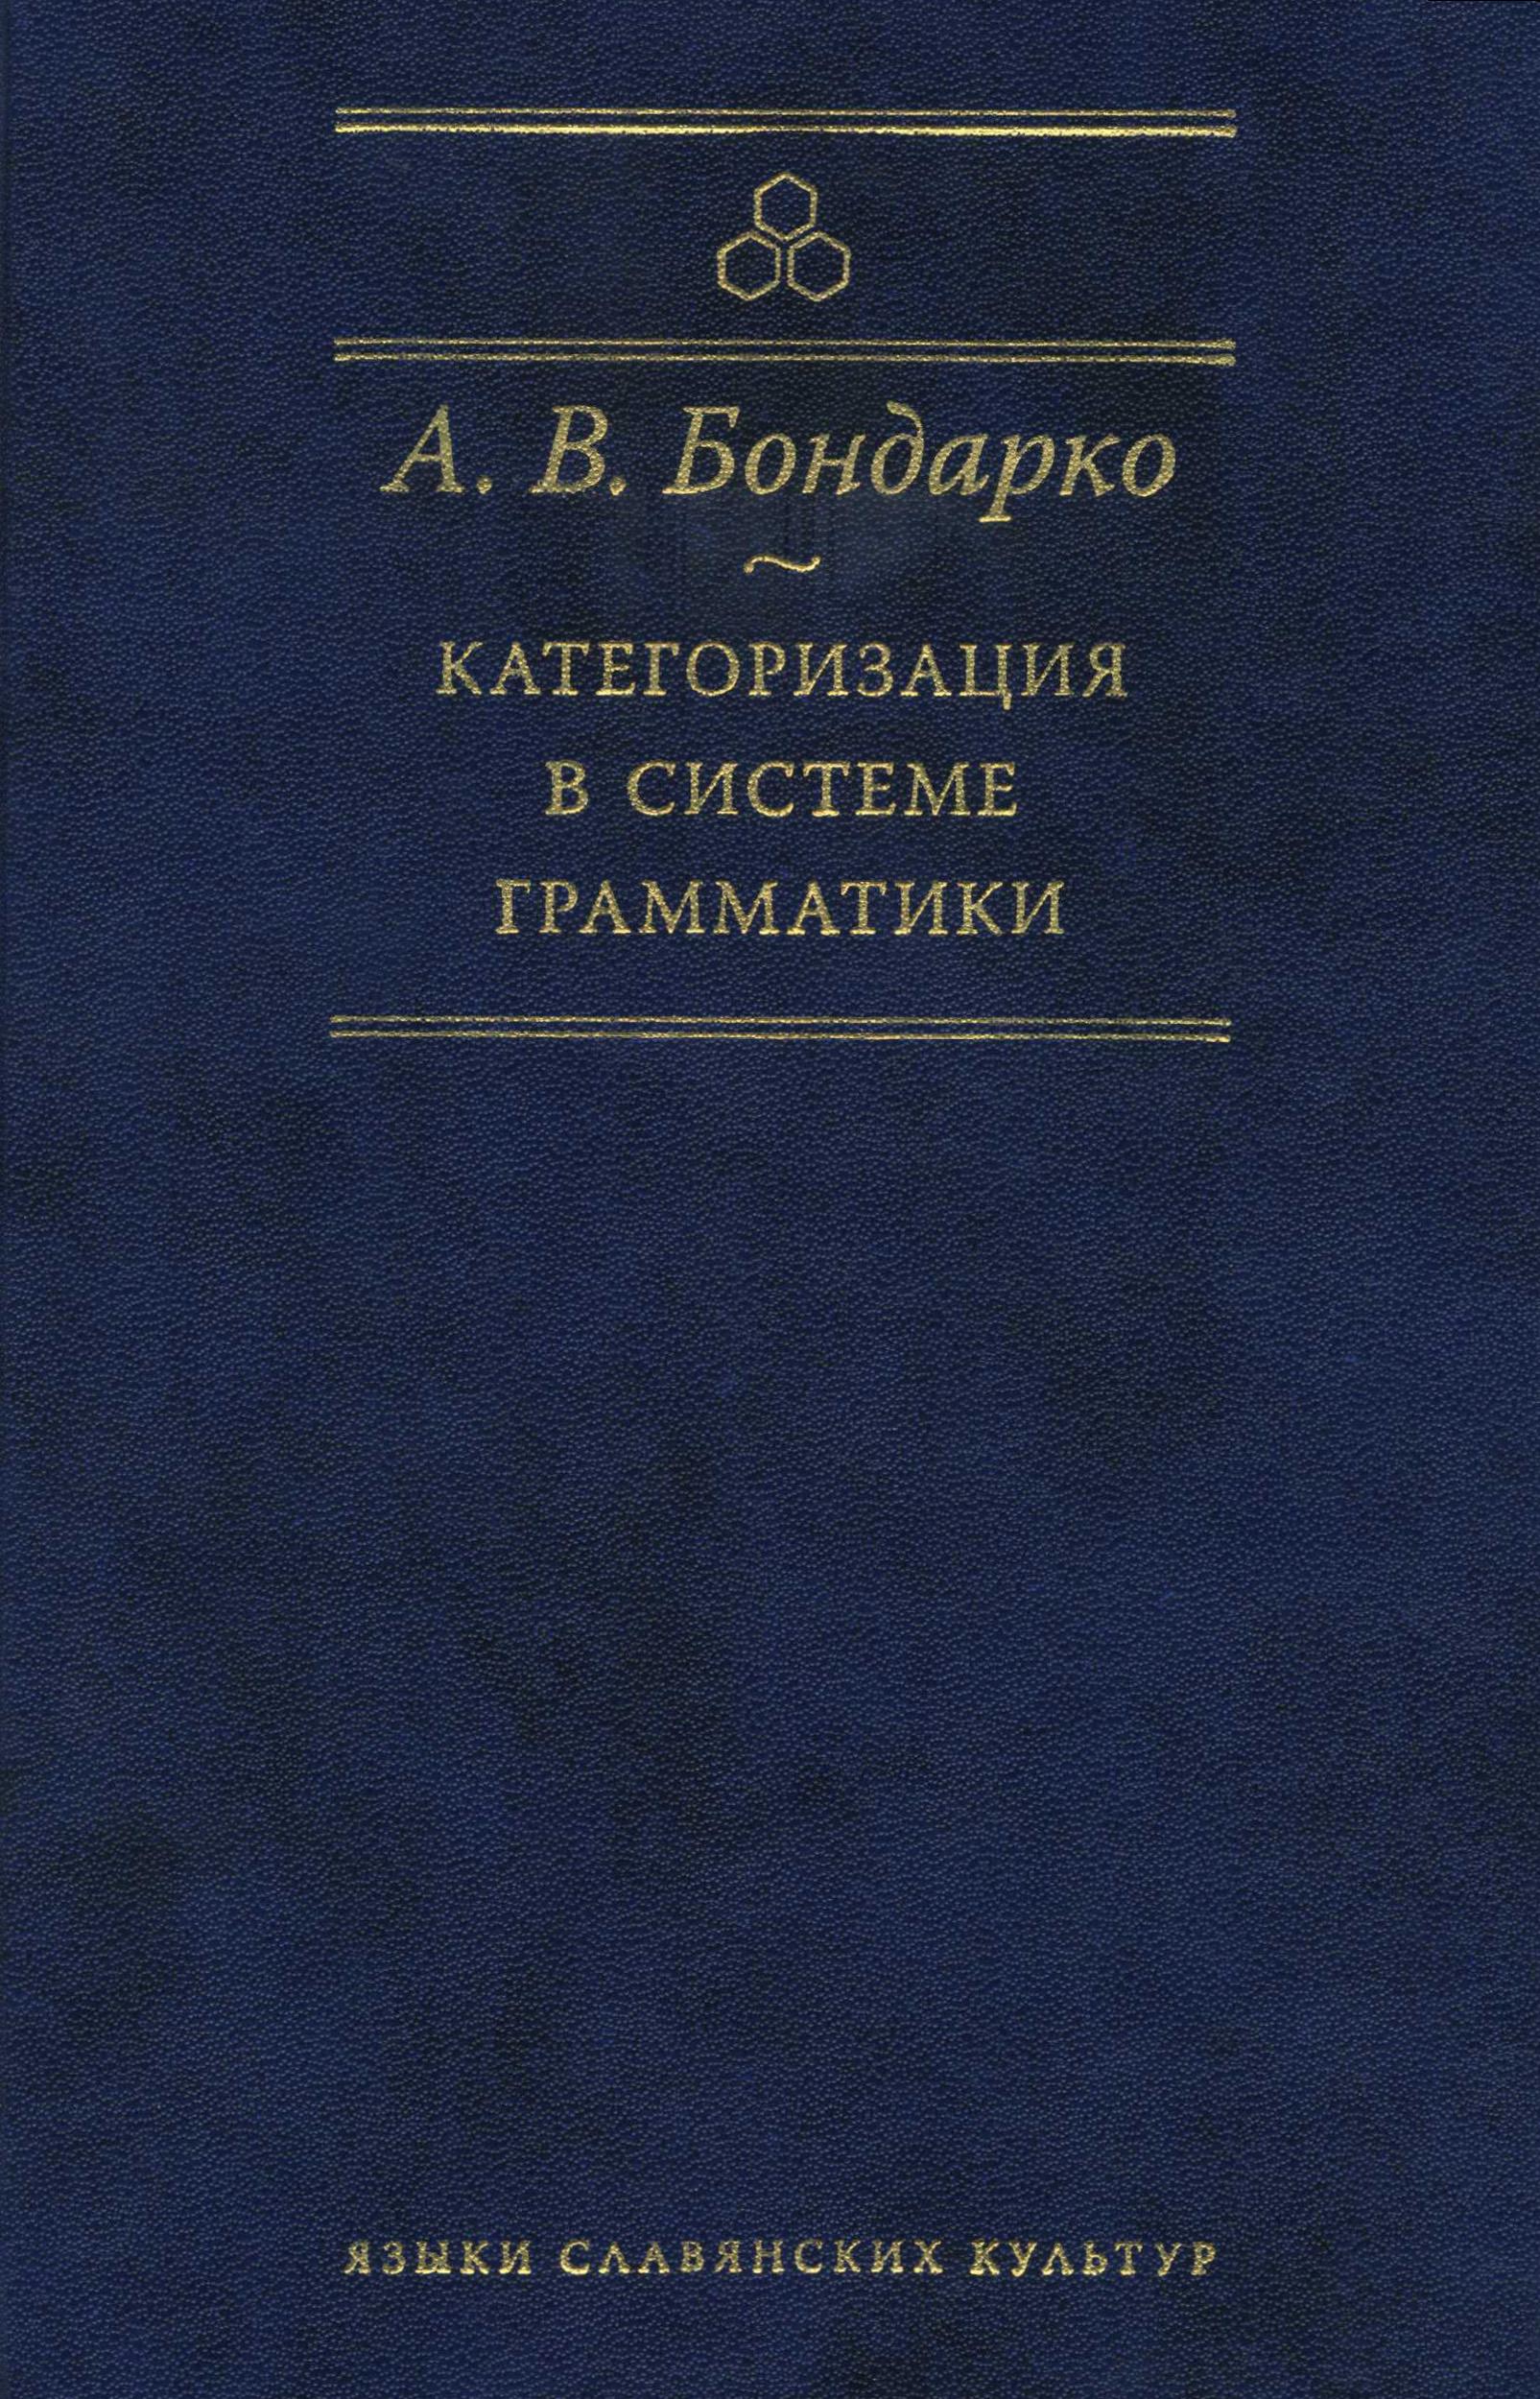 цена на А. В. Бондарко Категоризация в системе грамматики